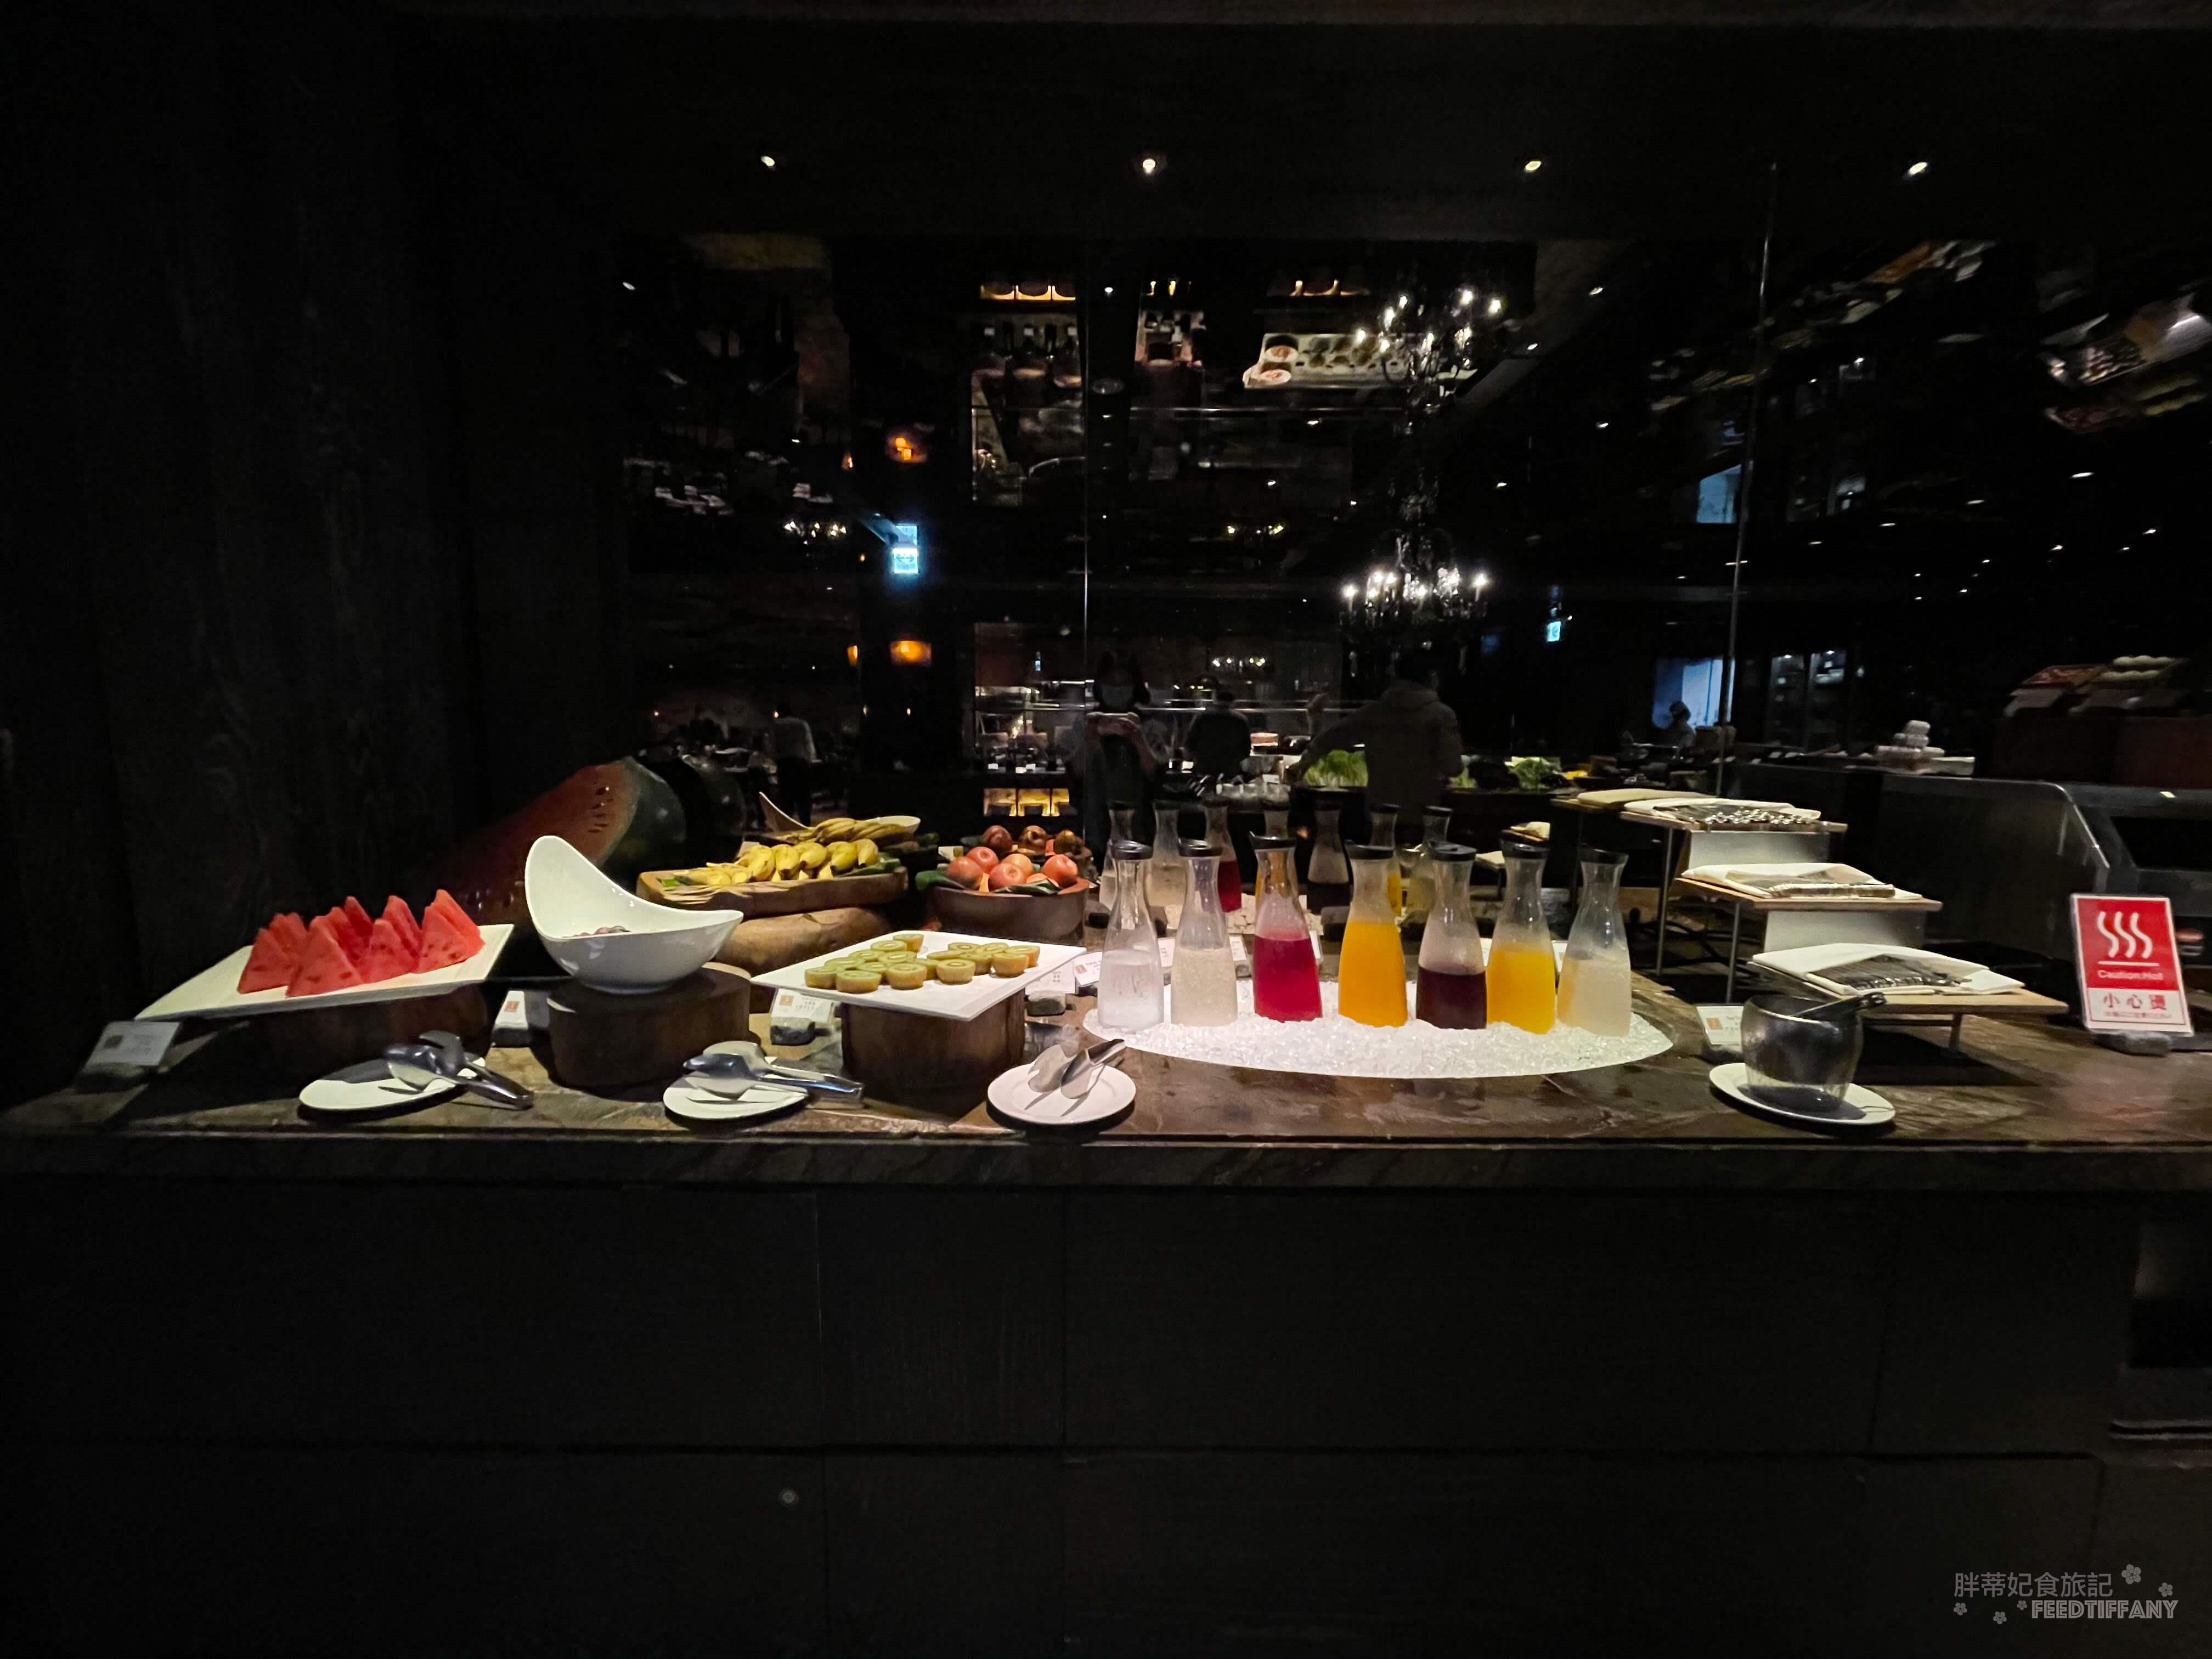 台北君品酒店 連果汁顏色都好繽紛的飲料區 &水果區